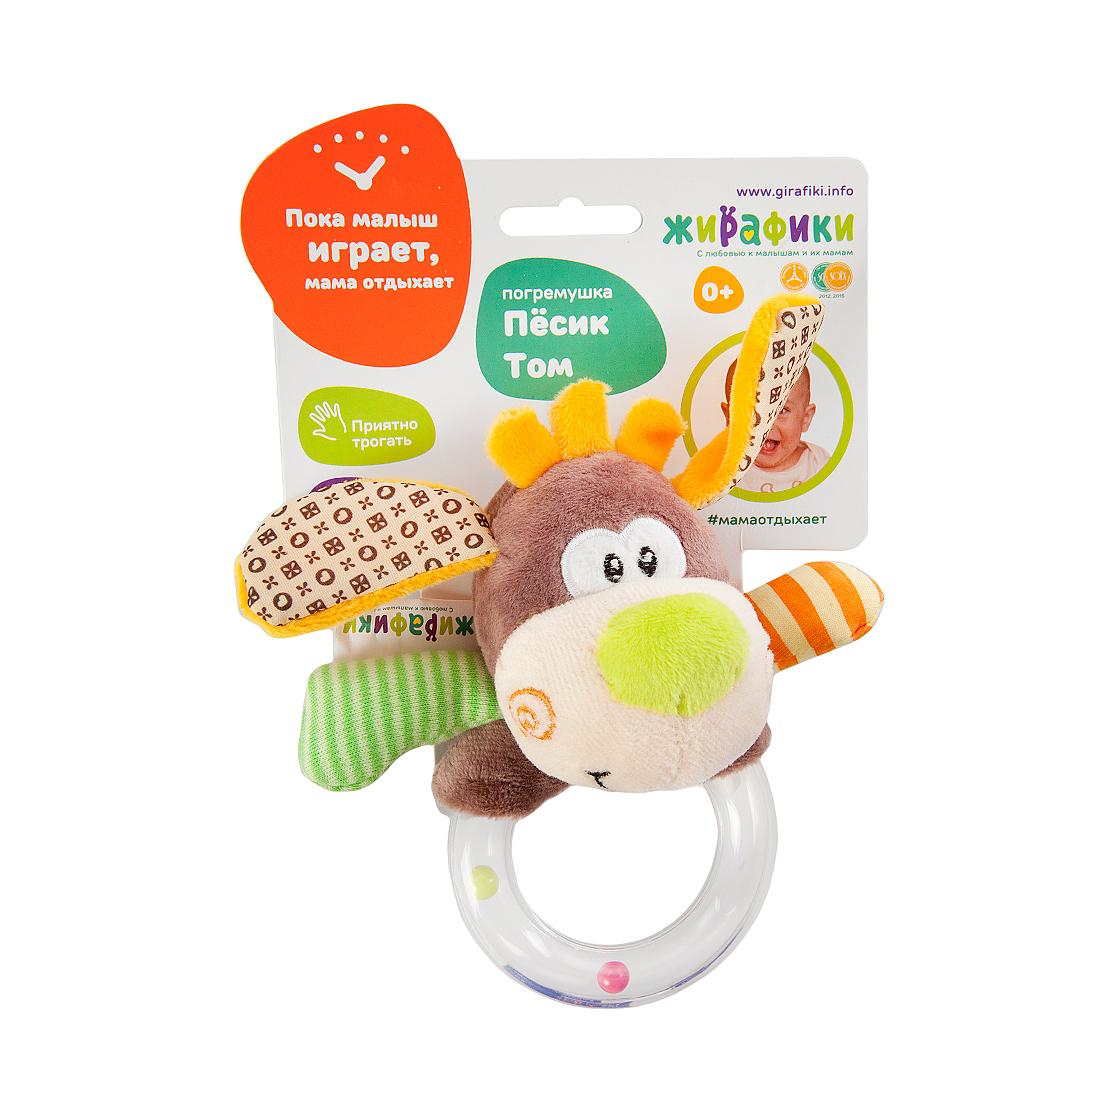 Фото - Подвески для малышей Наша игрушка Пёсик Том погремушка пёсик